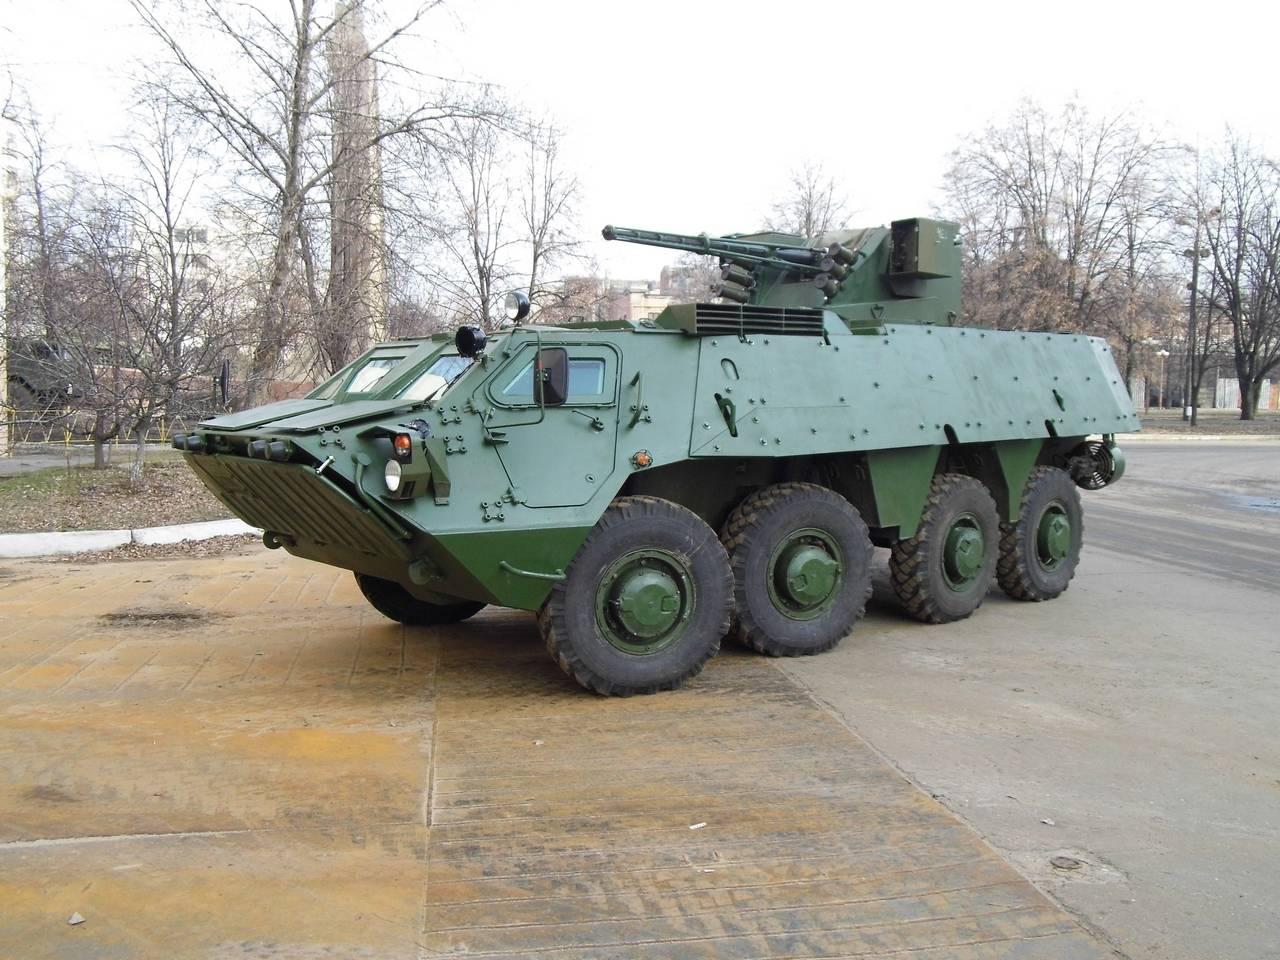 btr-4-armor1394193895